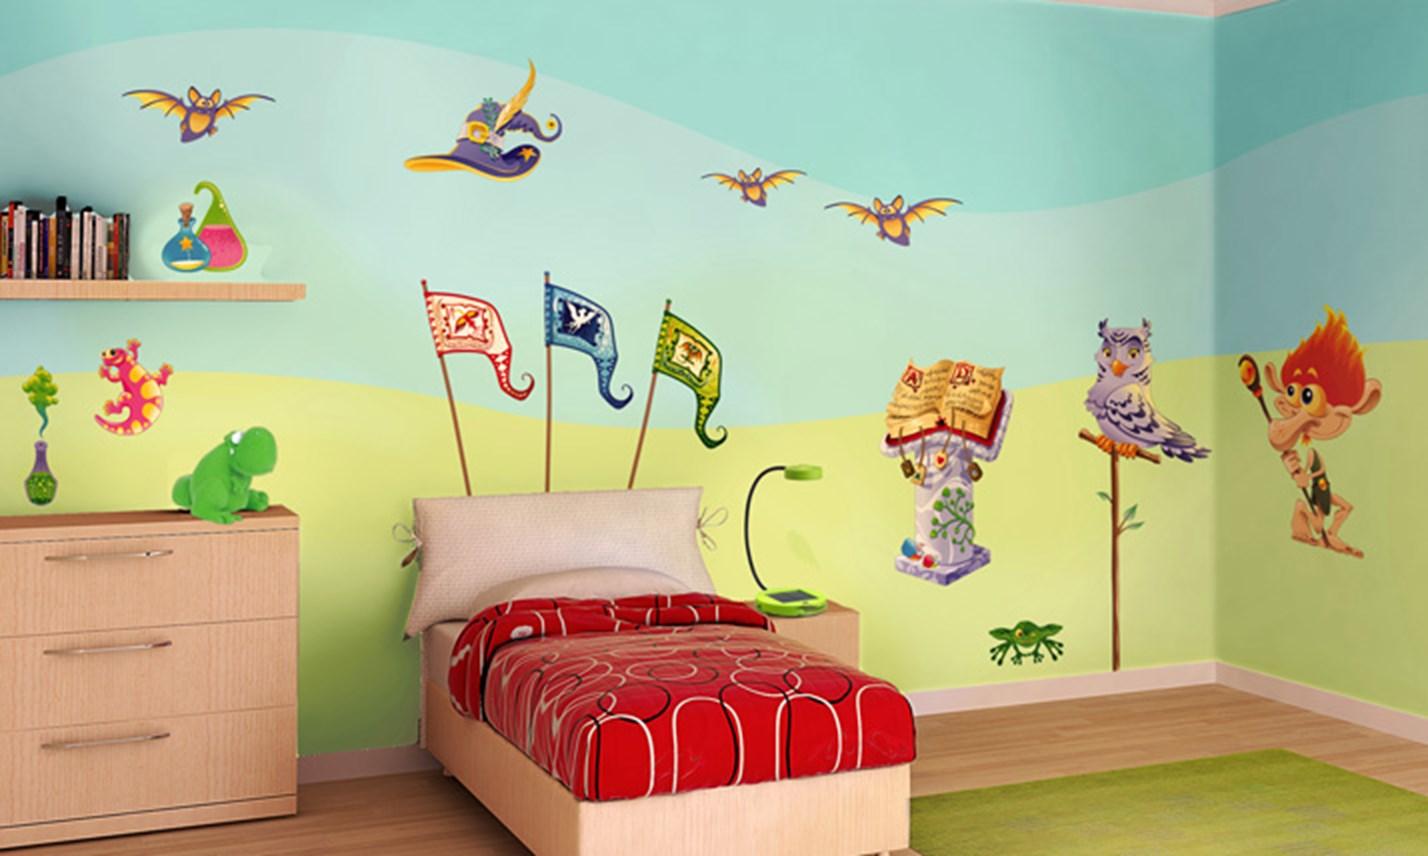 Decorazioni pareti camerette bambini decorazioni pareti - Decorazioni pareti bambini ...